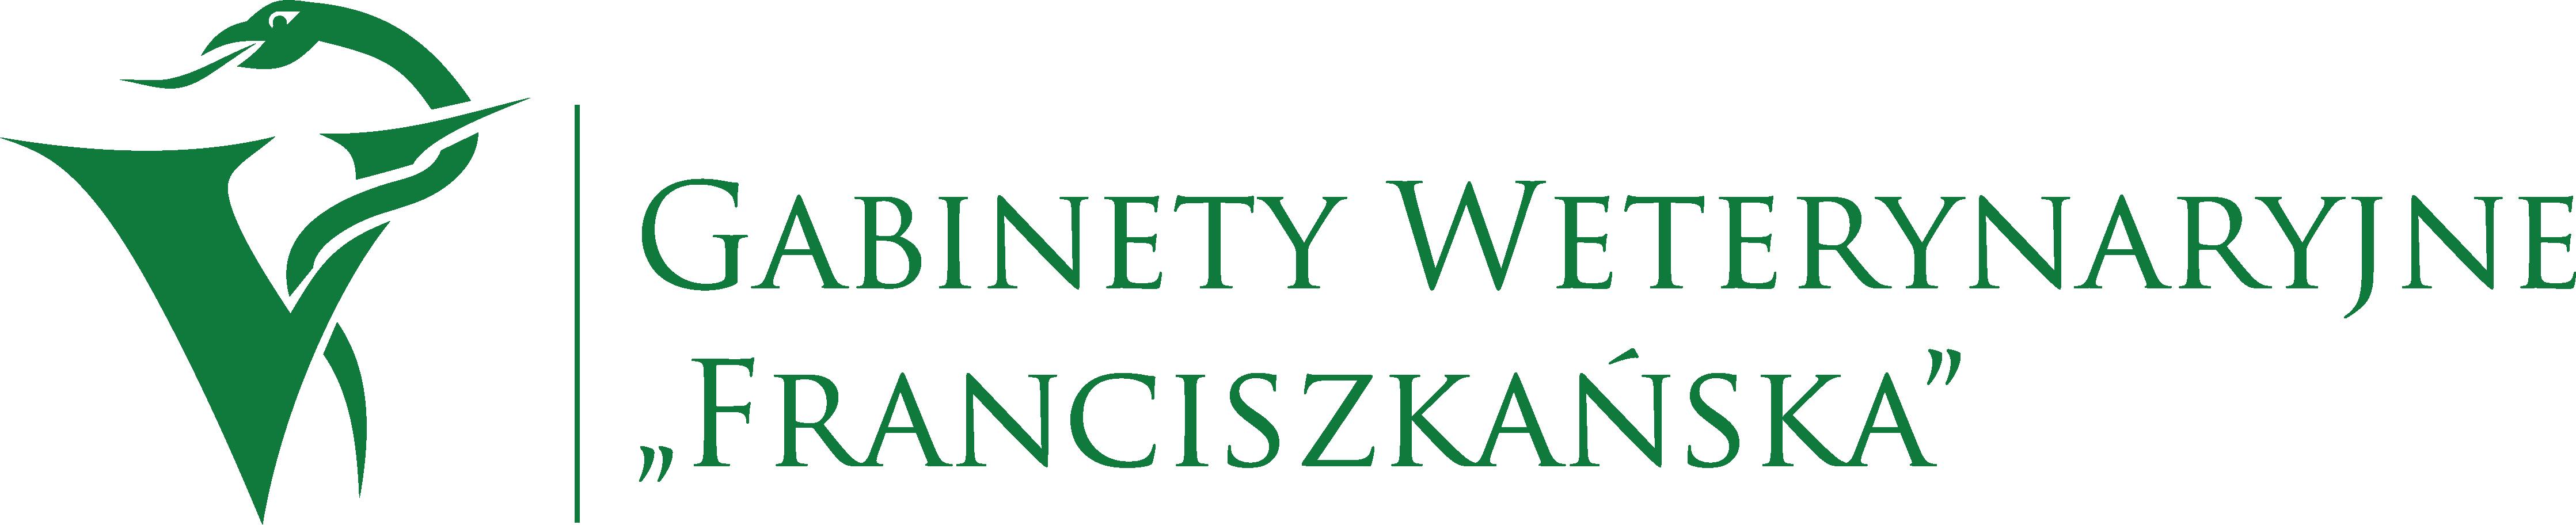 """Gabinety Weterynaryjne """"Franciszkańska"""""""